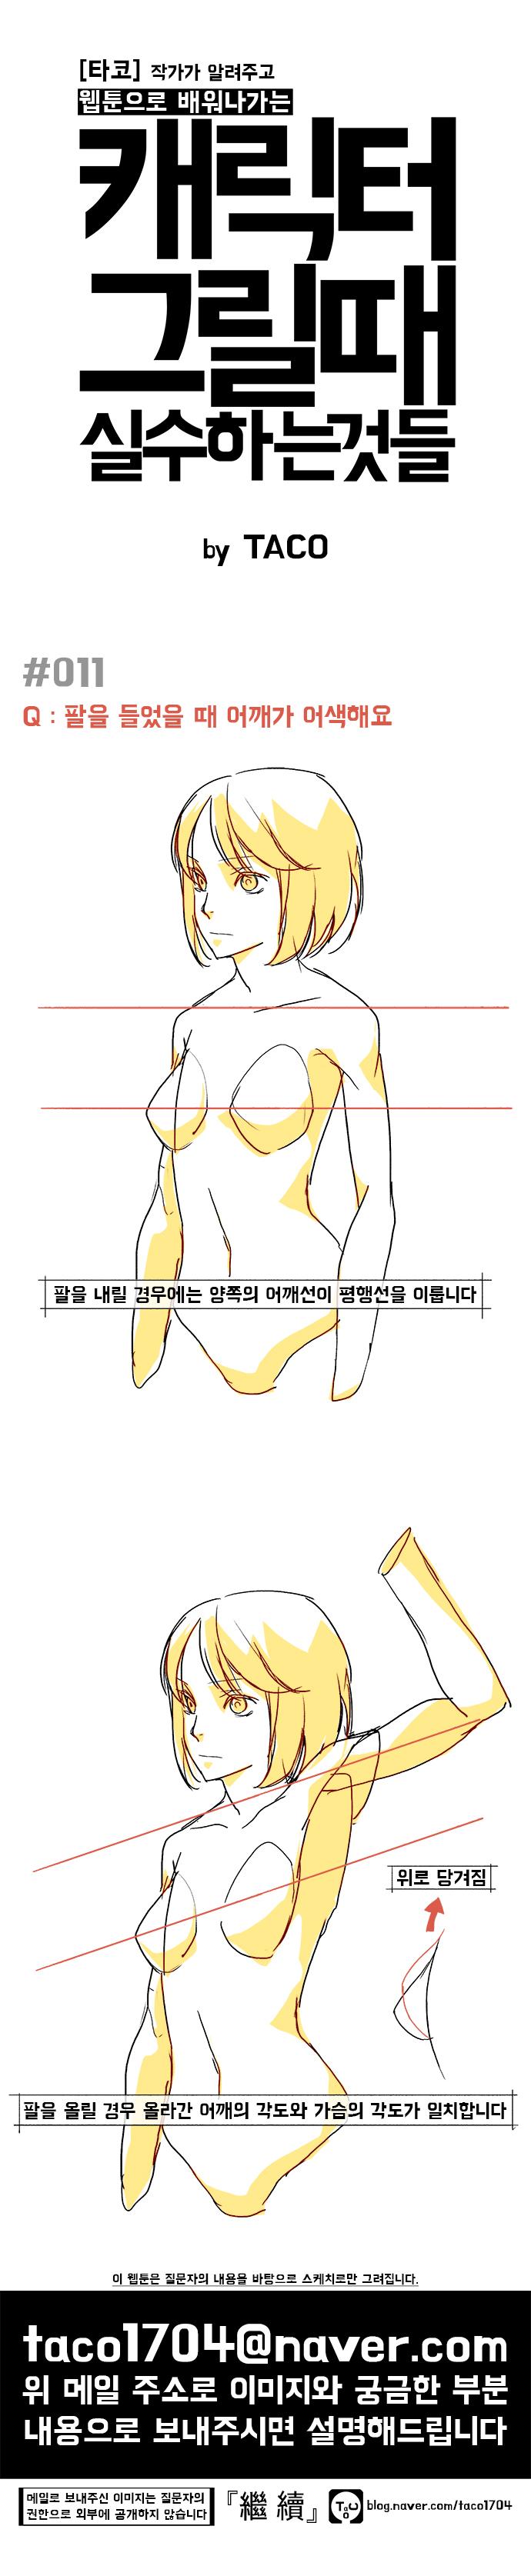 comic content | Anatomy | Pinterest | Anime comics, Zeichenvorlagen ...